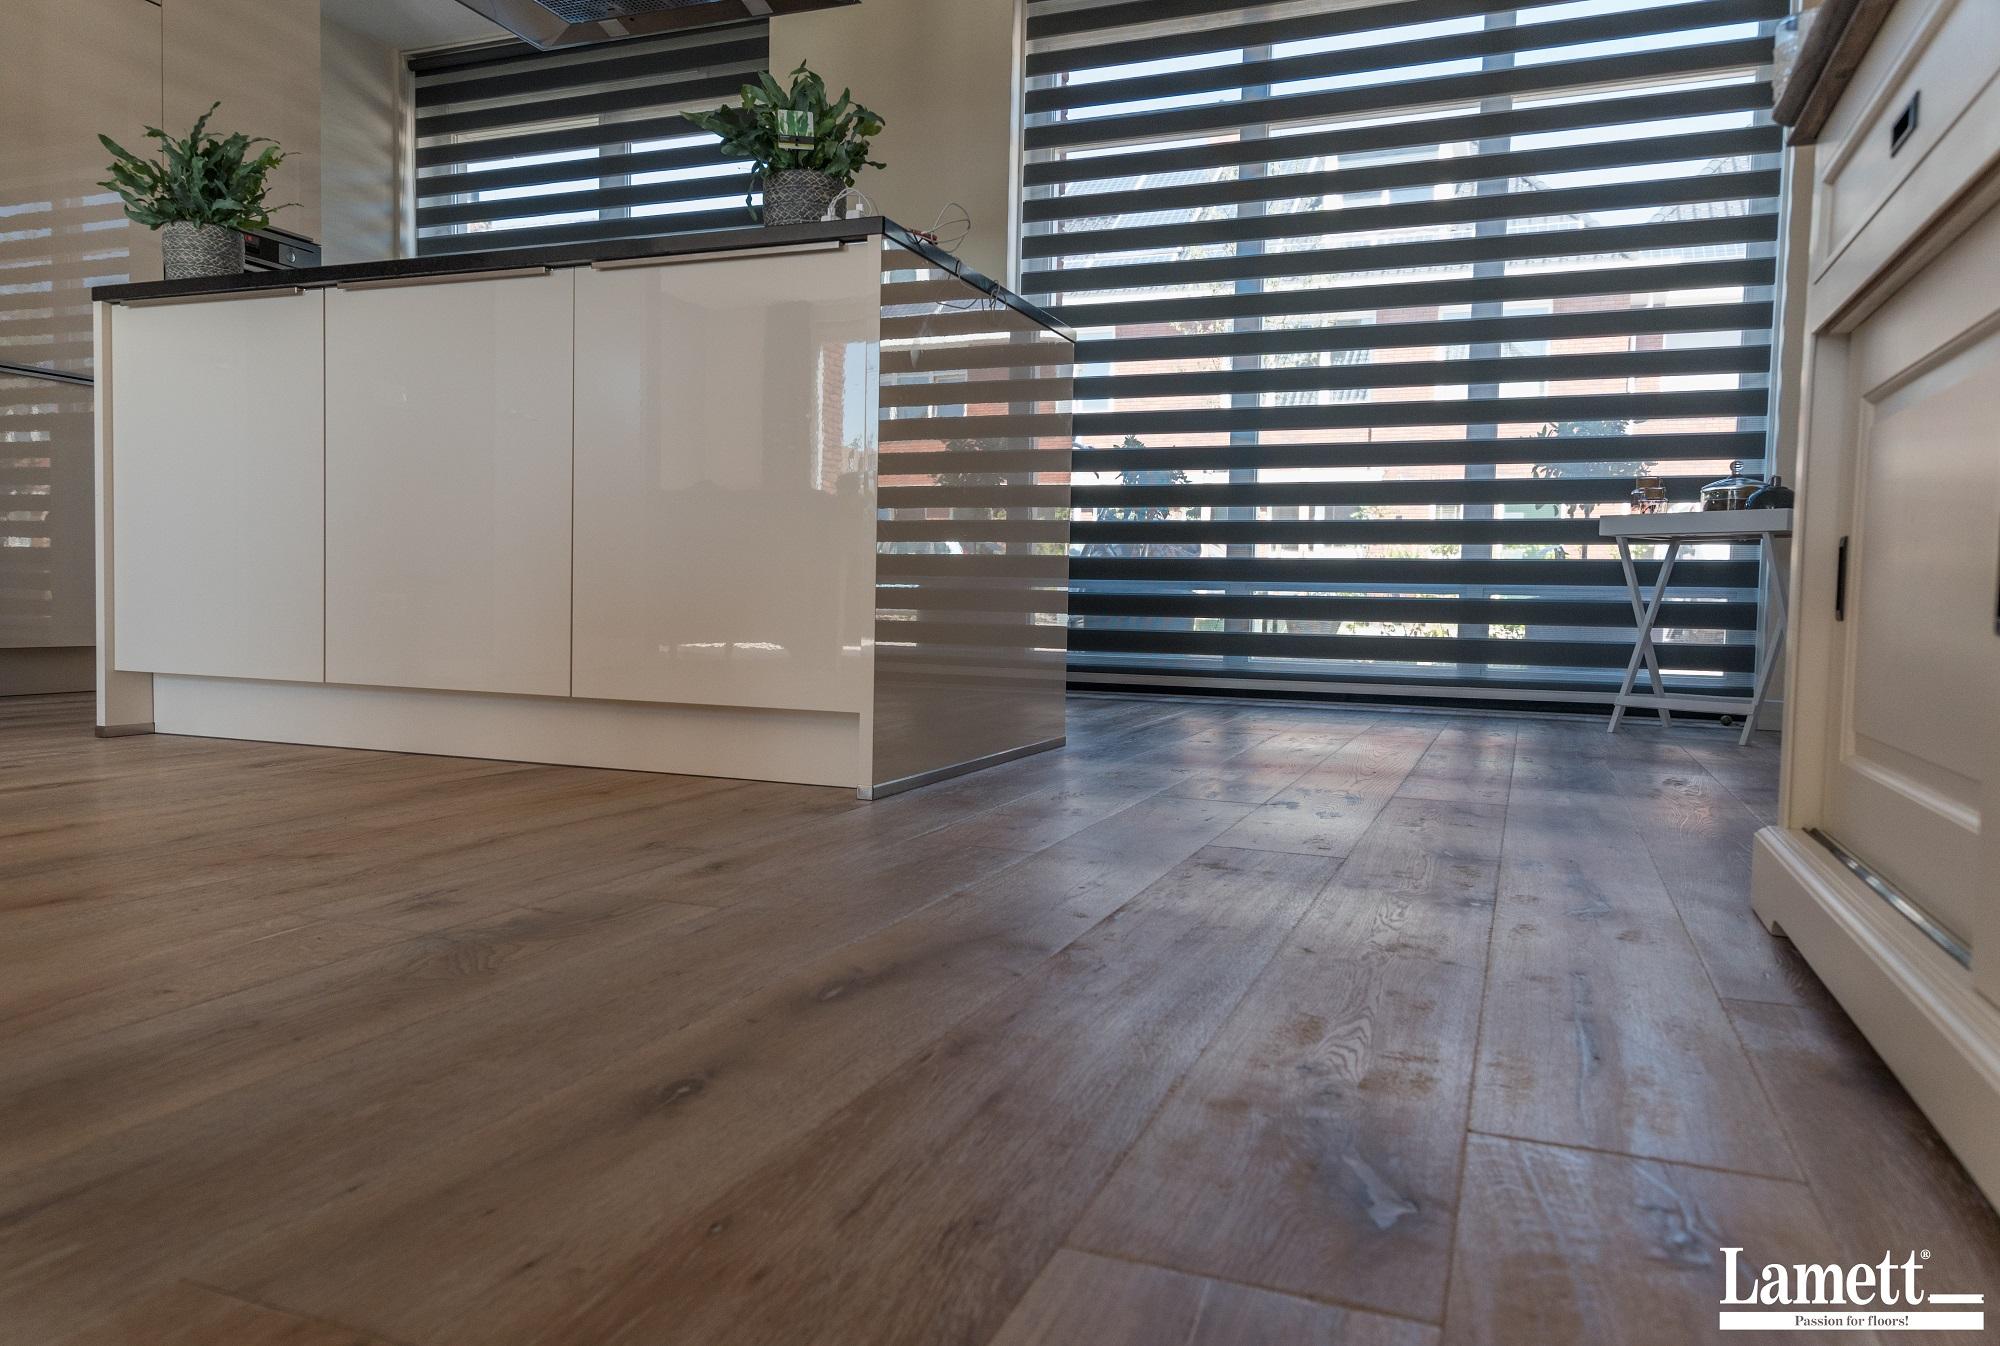 Full Size of Bodenbeläge Küche Was Kostet Eine Wandpaneel Glas Hochglanz Weiss Sockelblende Stengel Miniküche Bodenbelag Mit Kühlschrank Waschbecken Gebrauchte Küche Bodenbeläge Küche